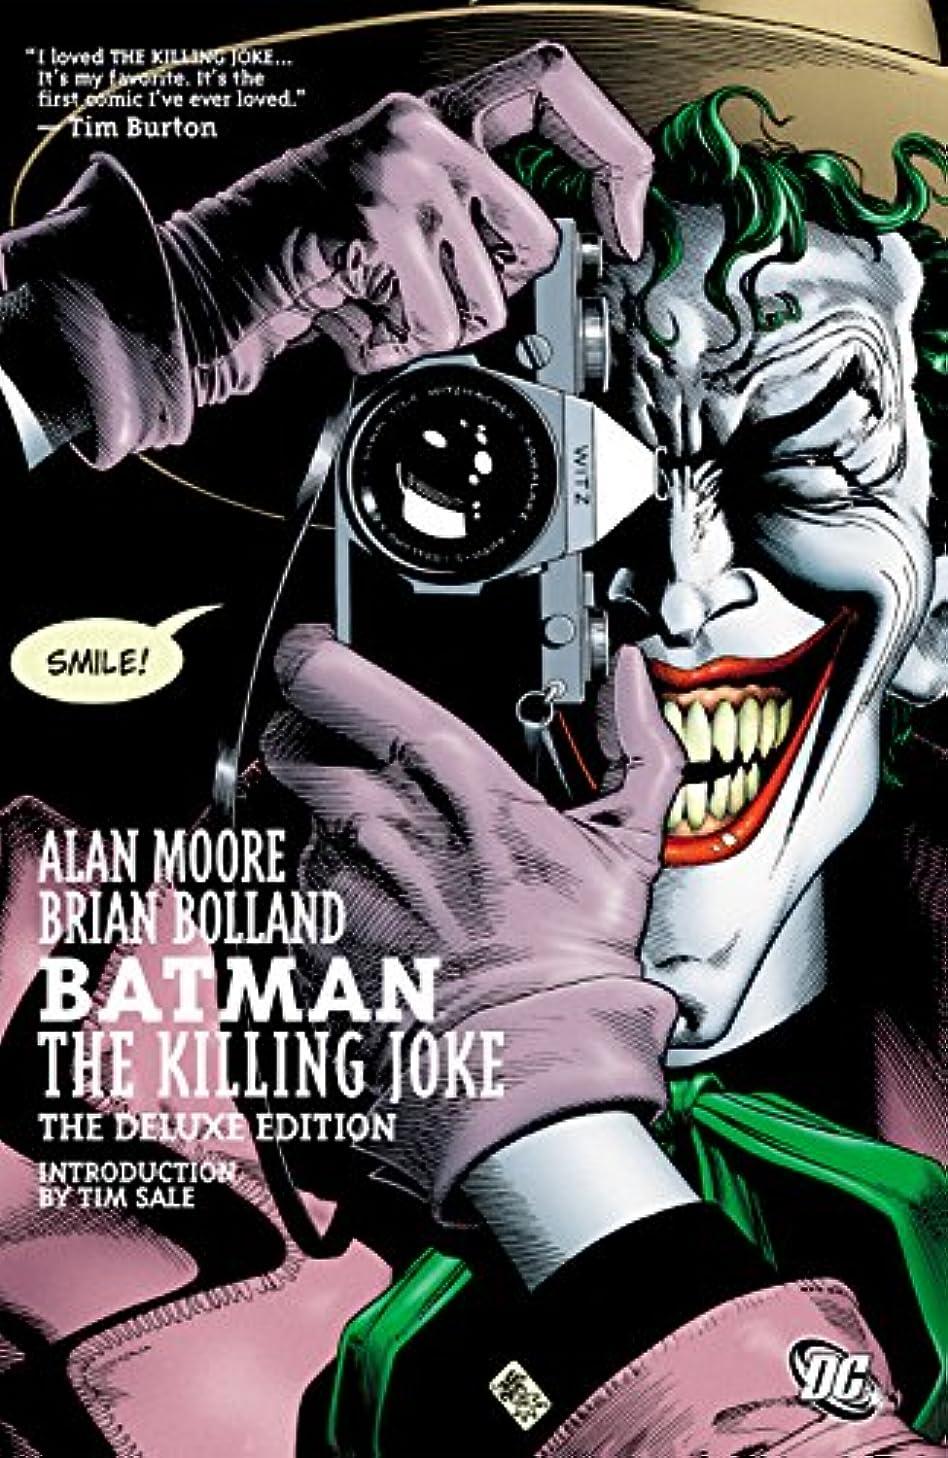 健全ファイバ非常にBatman: The Killing Joke (Deluxe Edition) (English Edition)